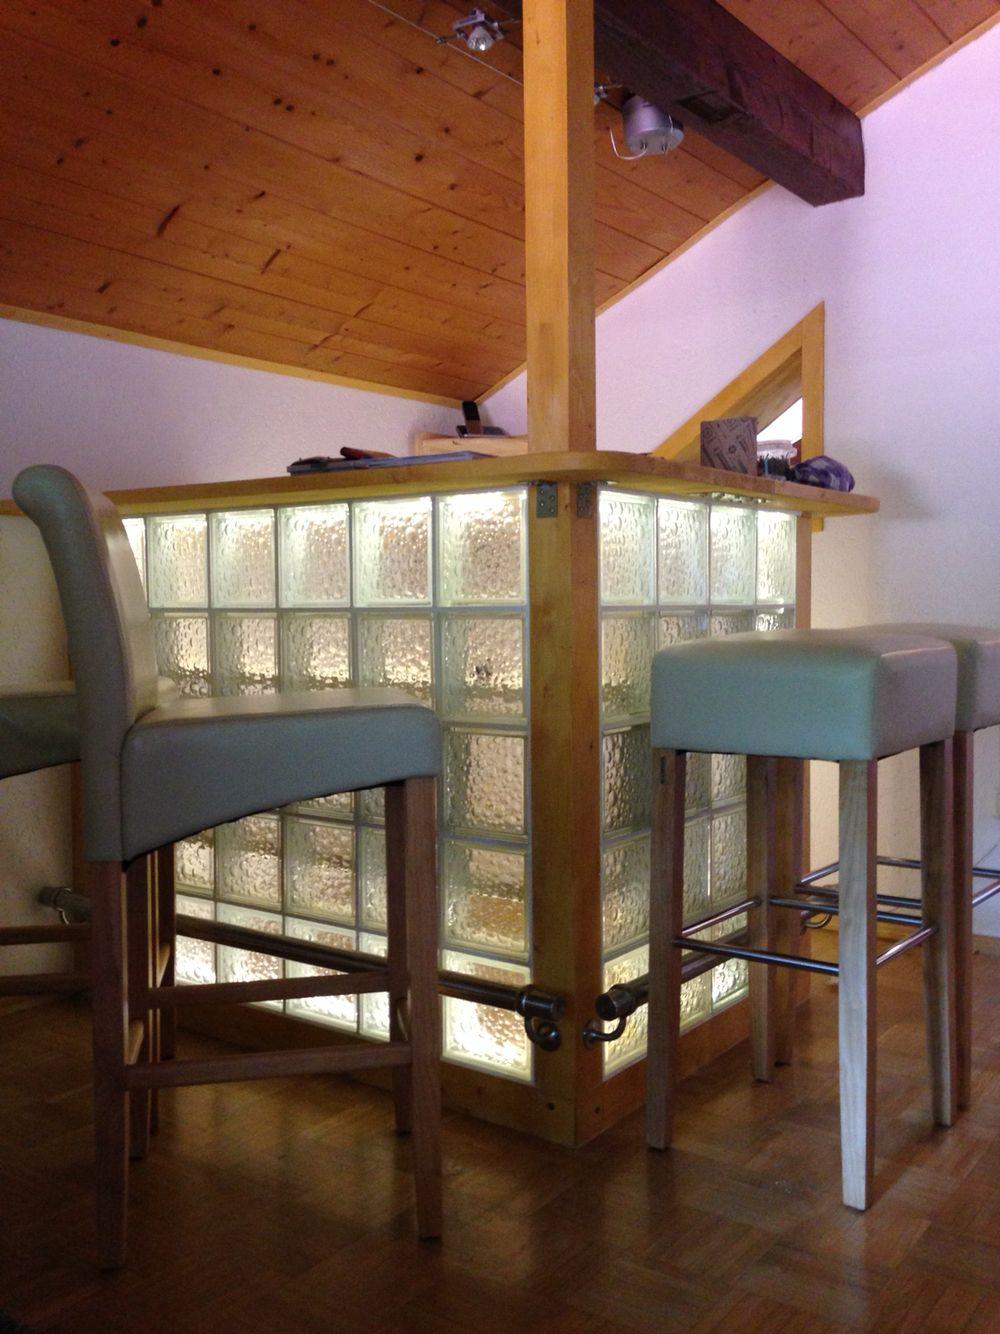 Diy Bar Mit Glasbausteine Glasbausteine Theke Selber Bauen Bar